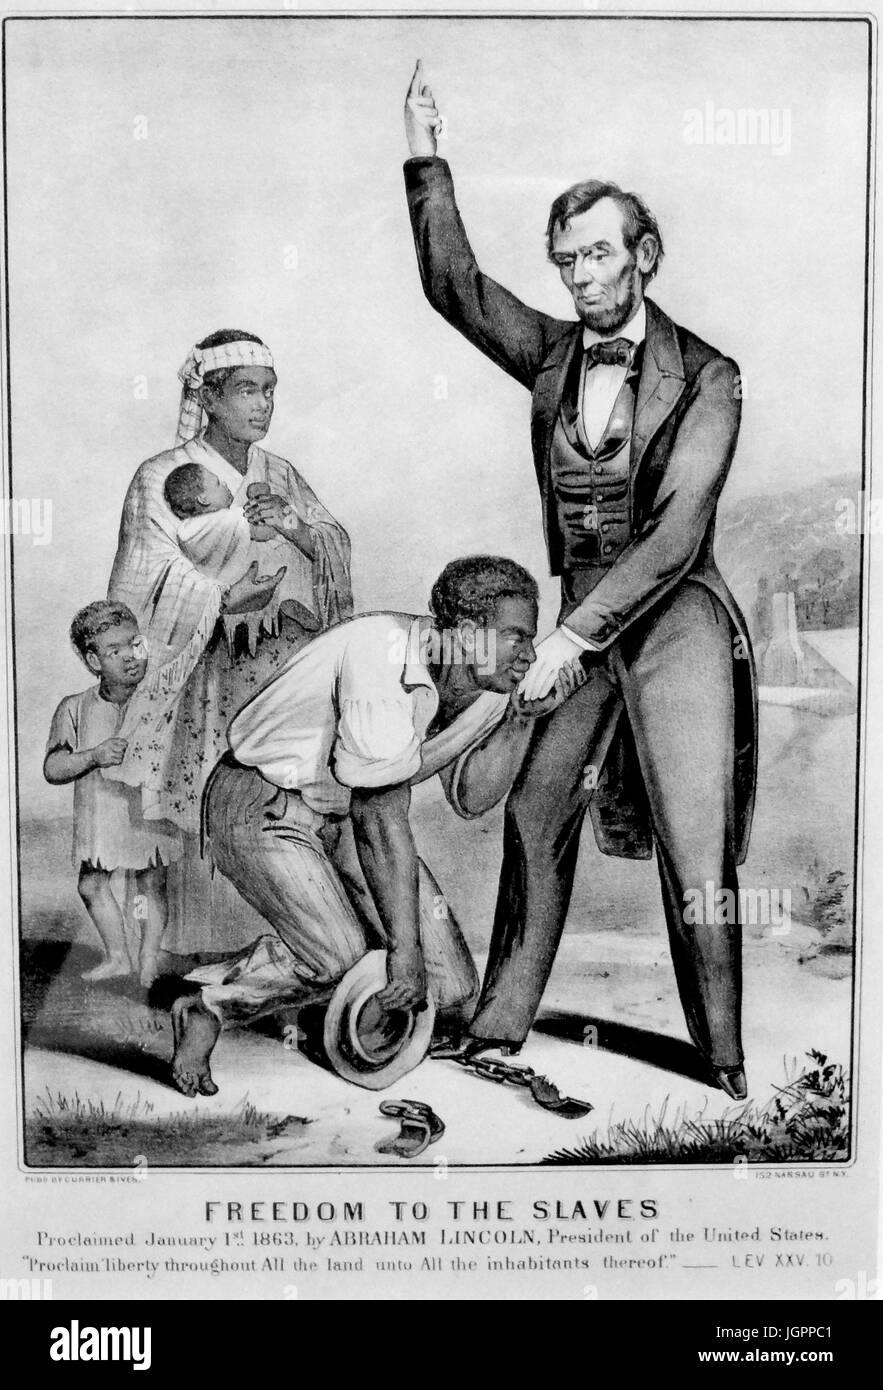 Freiheit für die Sklaven Currier & Ives drucken etwa 1863 Stockbild